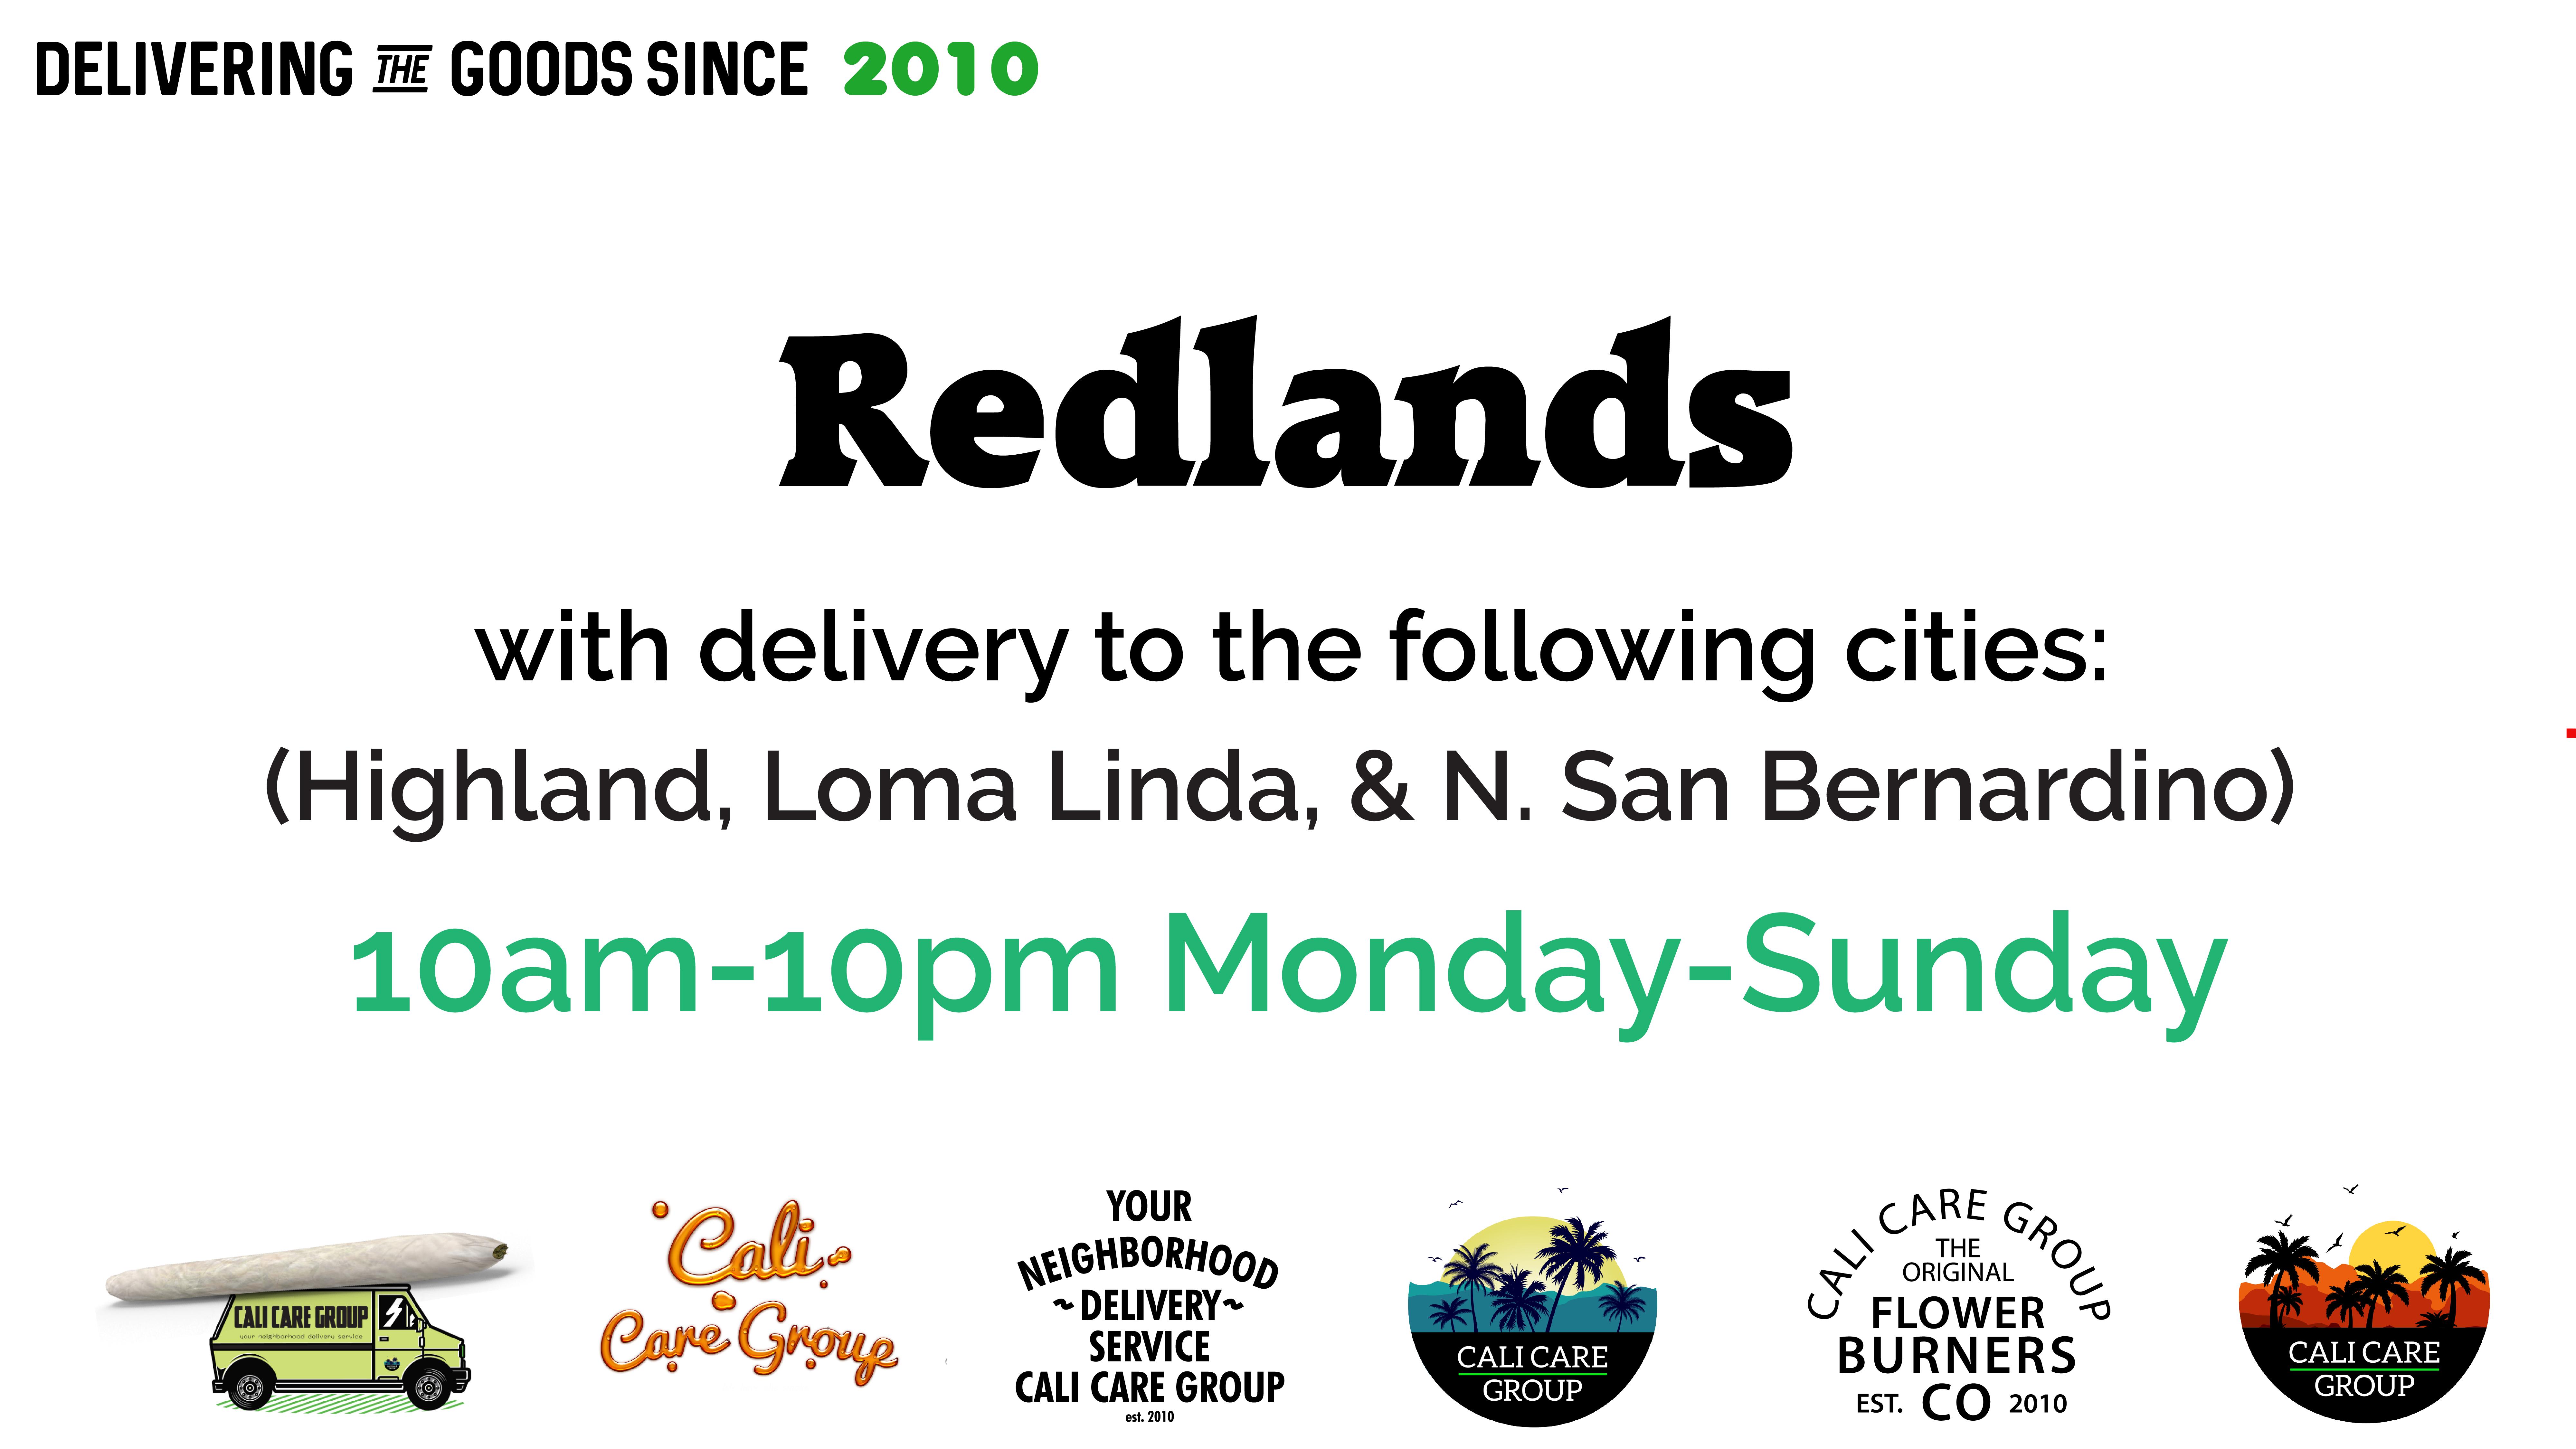 redlands-site-info.png